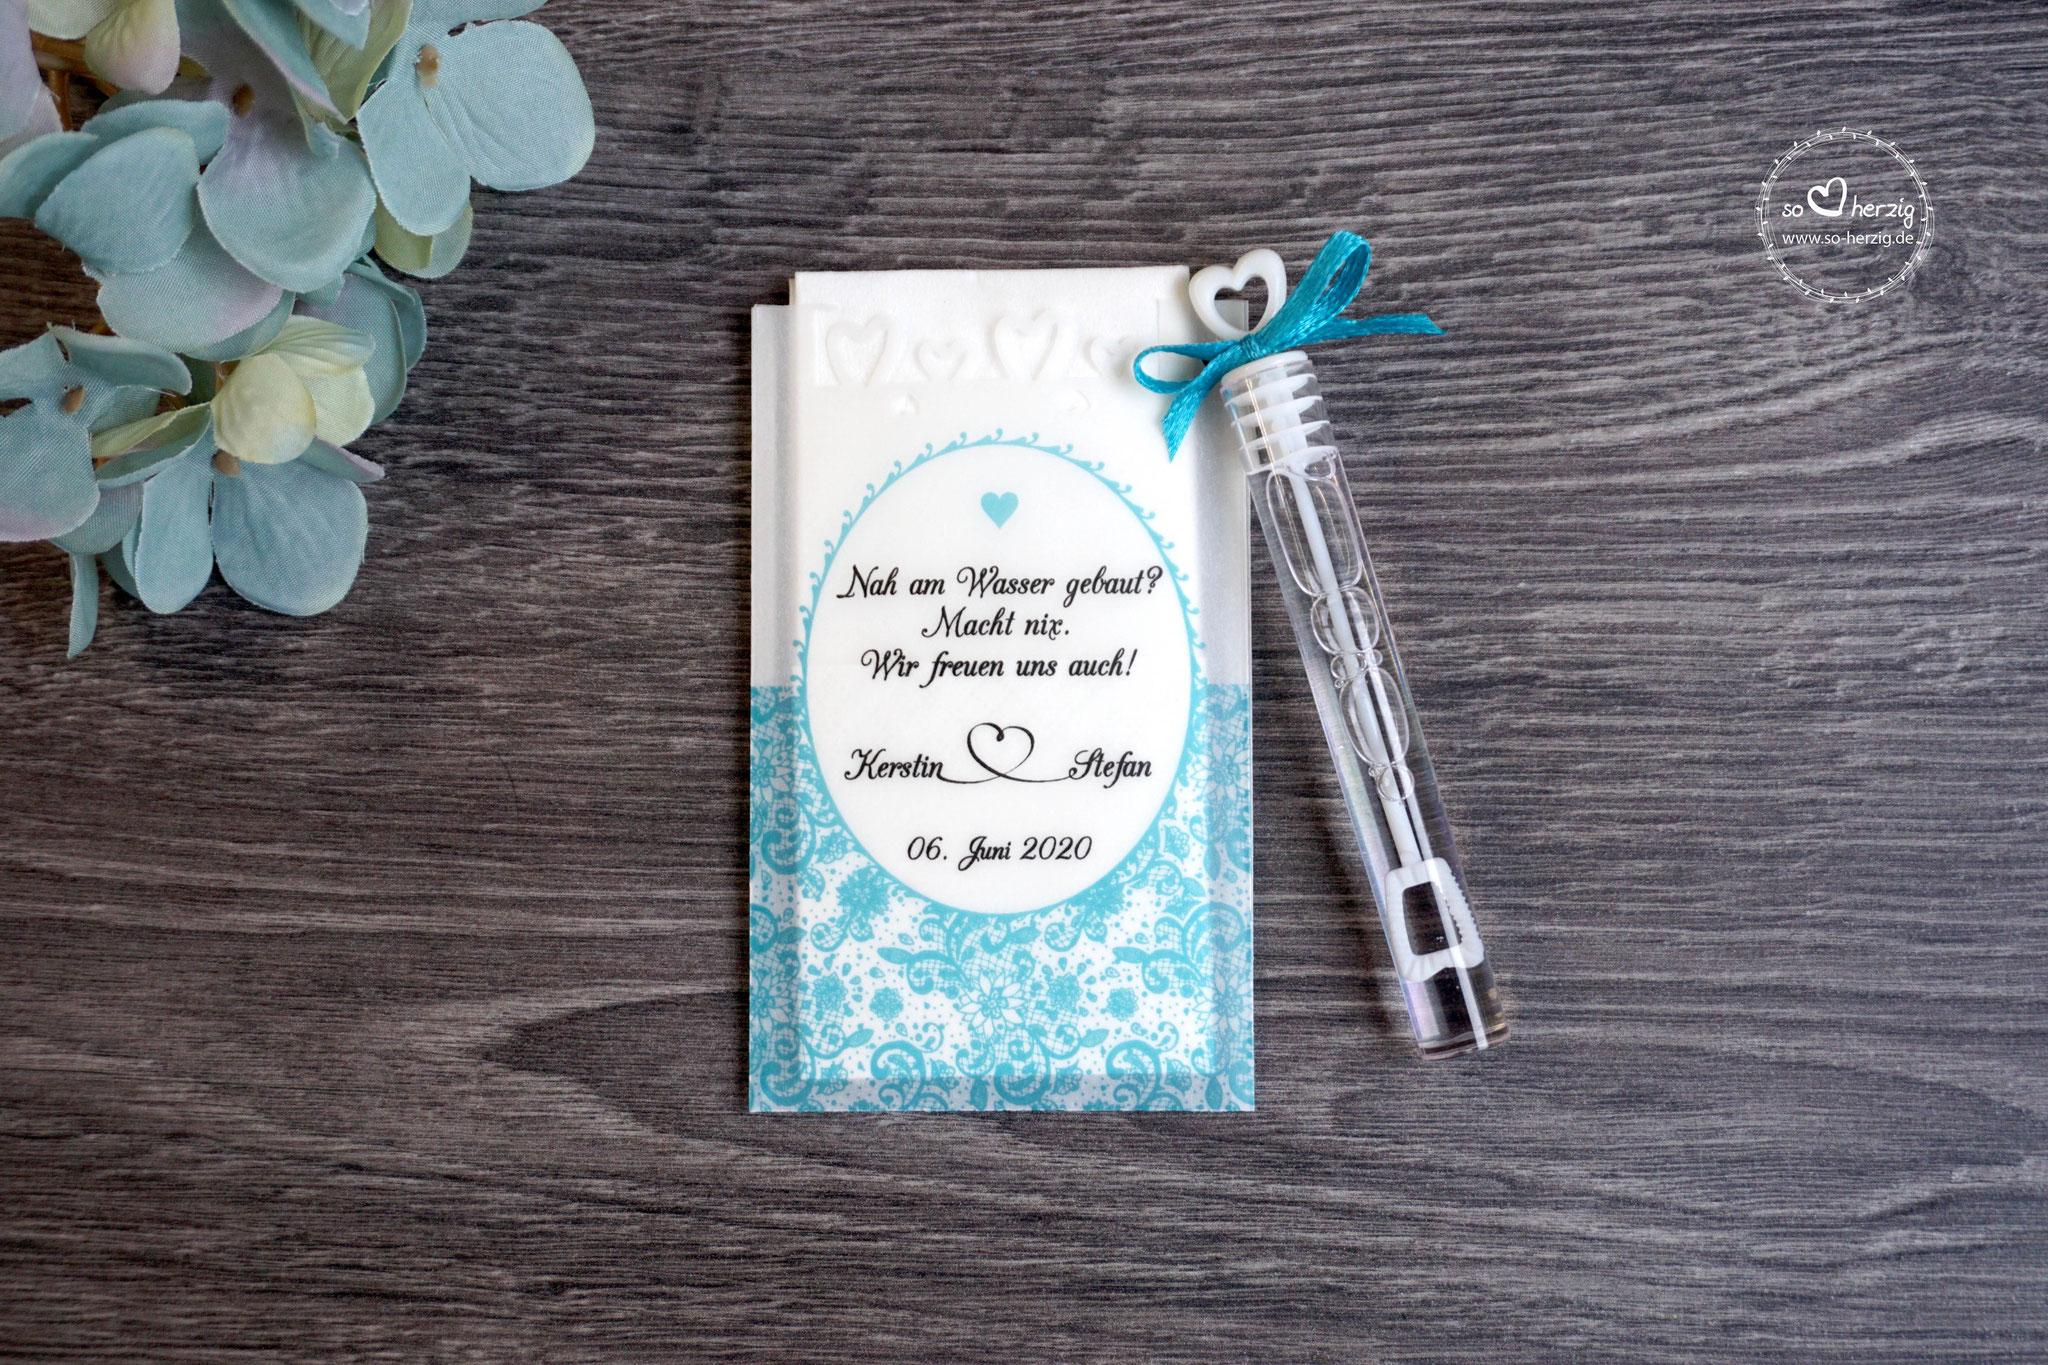 Freudentränen Taschentücher mit Seifenblasen, Design Romantik, Farbe Türkis dunkel, Satinband